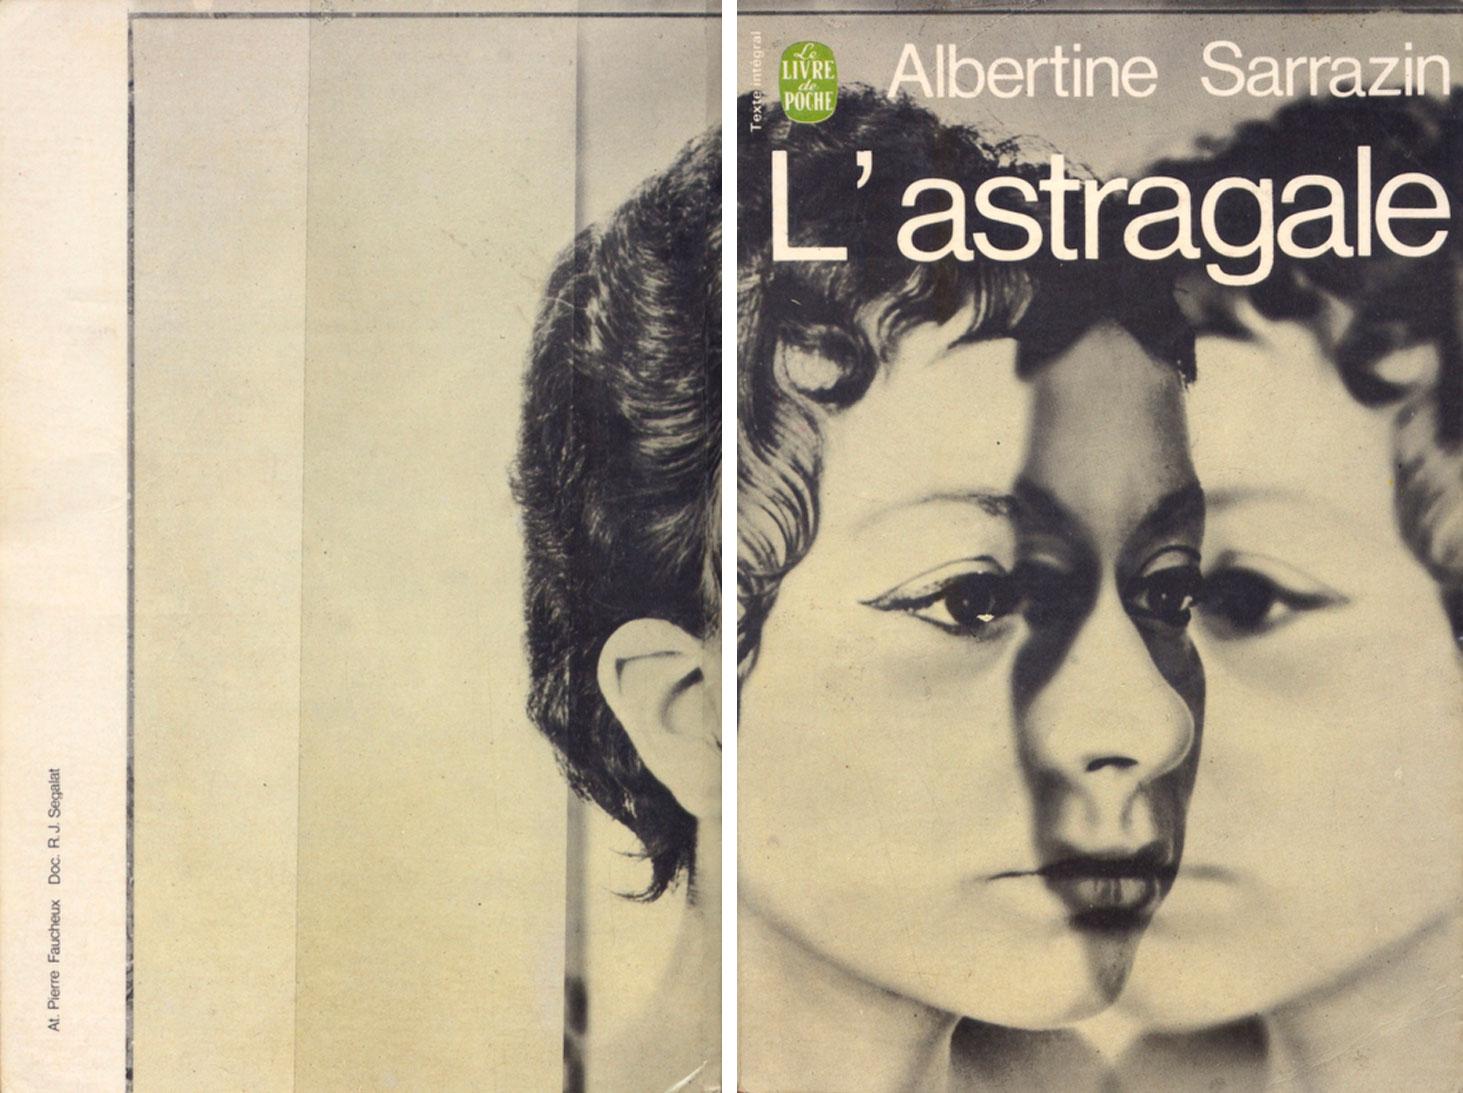 Pierre Faucheux Couverture Livre De Poche L Astragale 1968